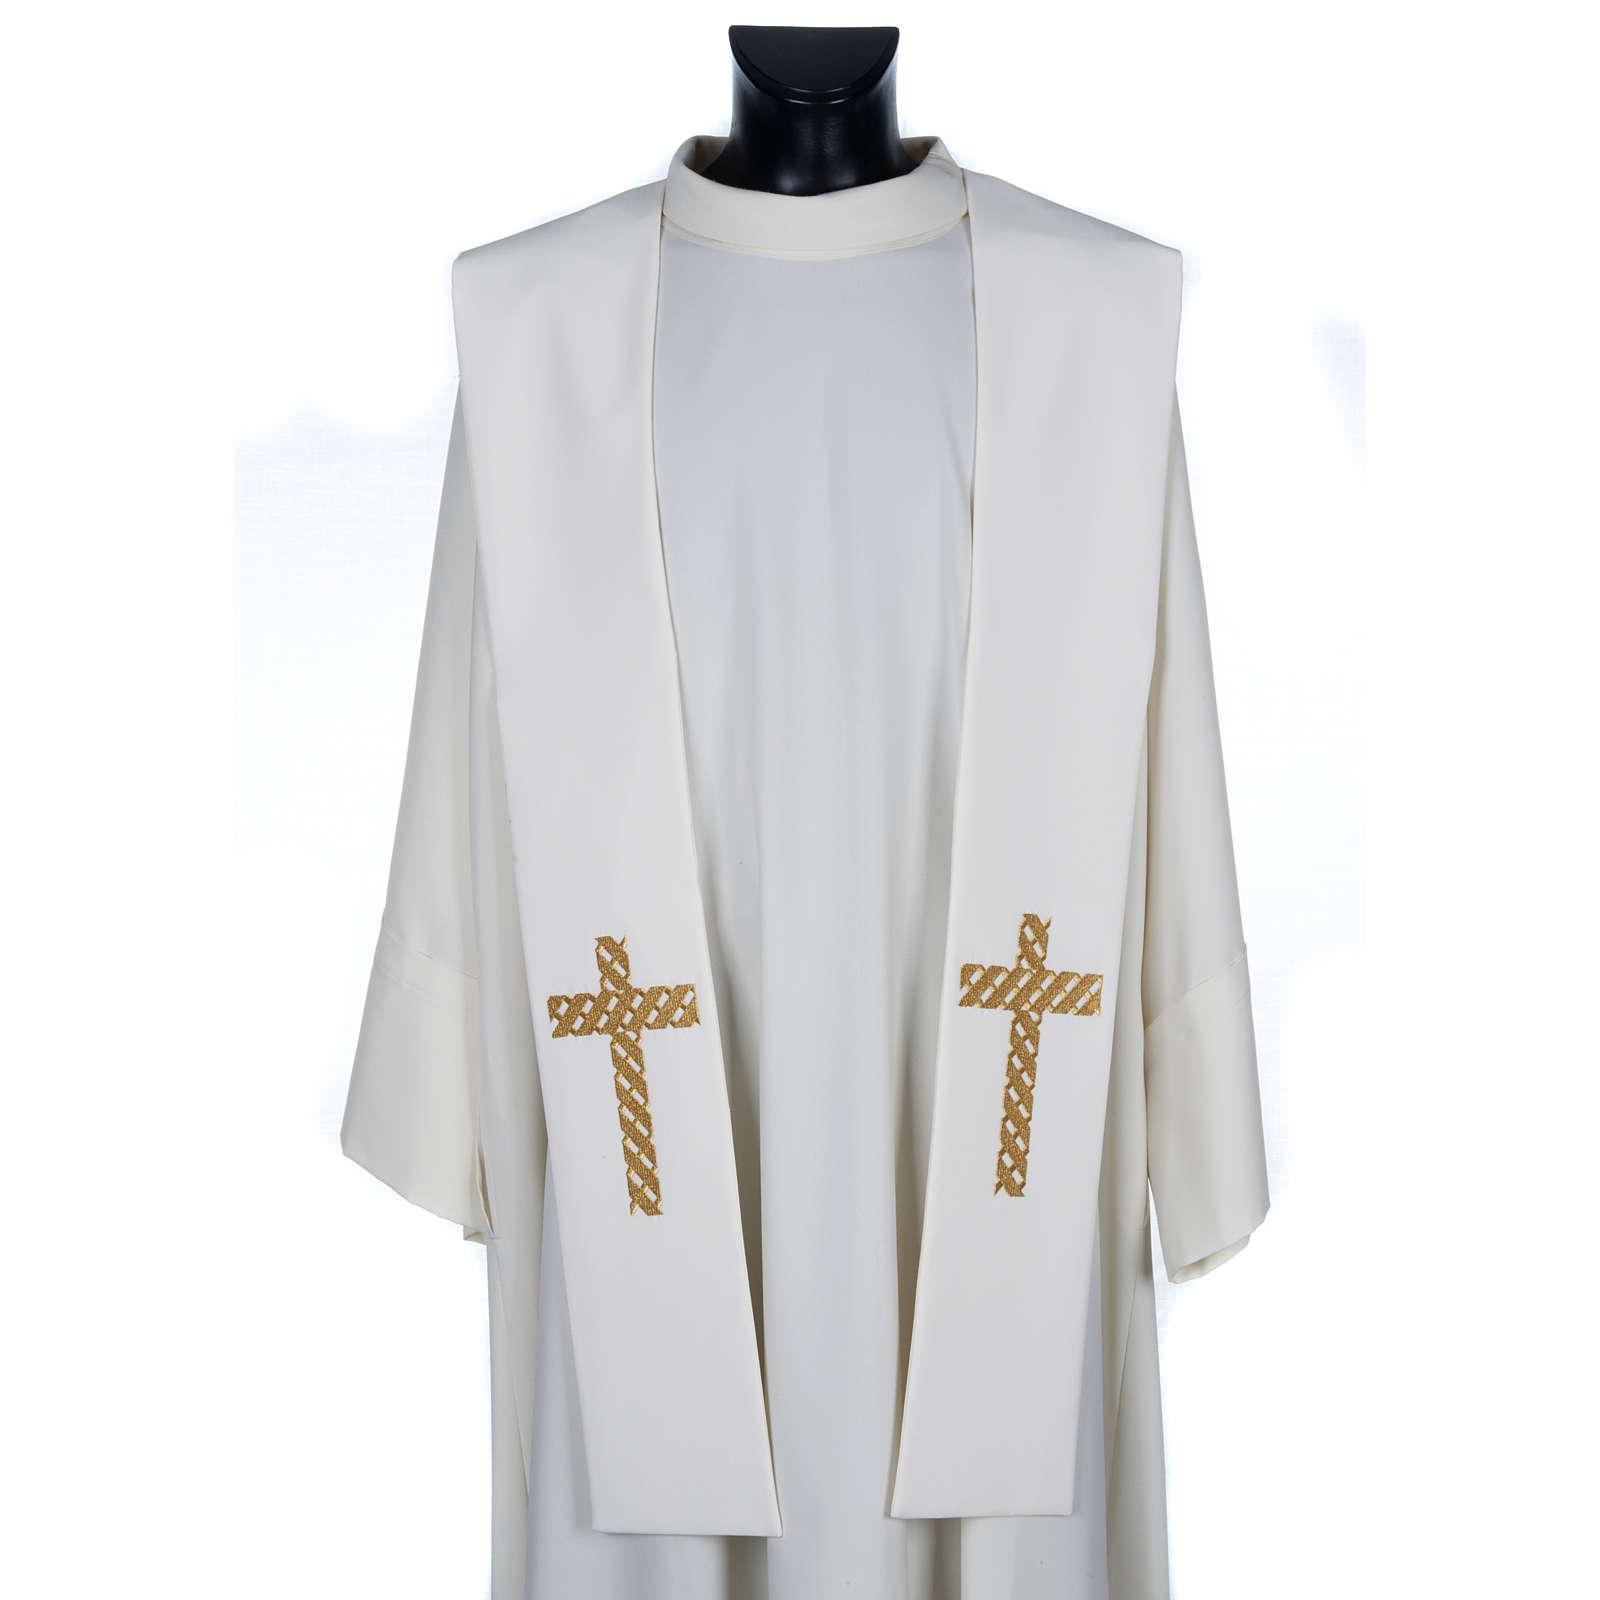 Estola sacerdotal ecru cruz dorada bordada 4